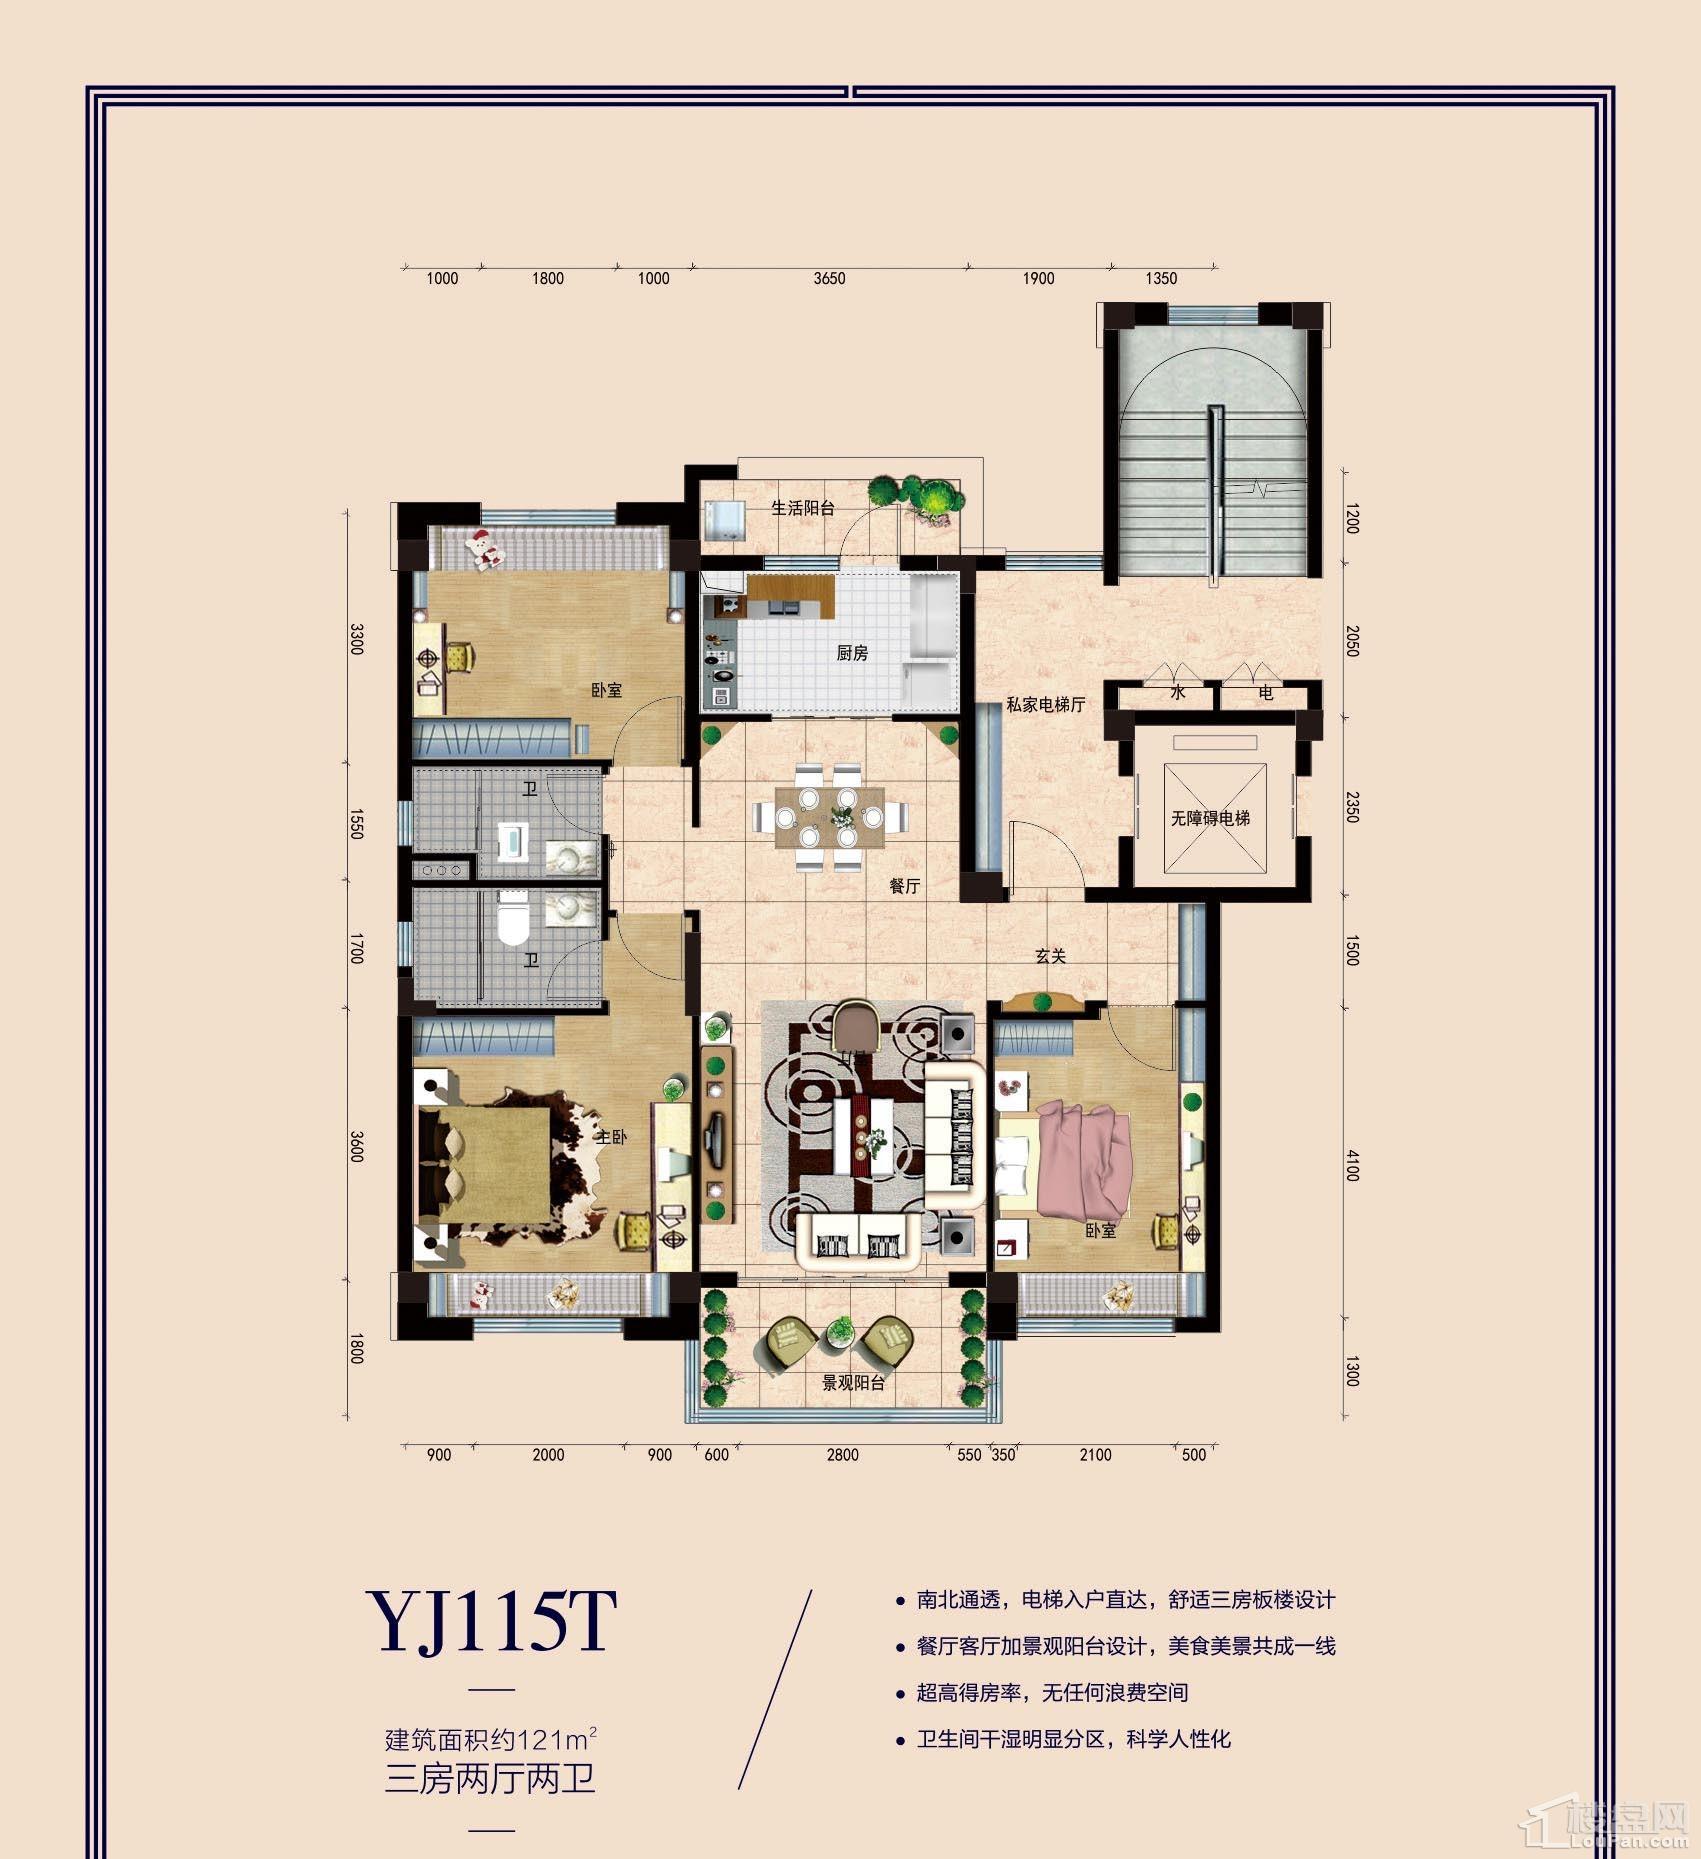 溆浦碧桂园YJ115T高清户型图